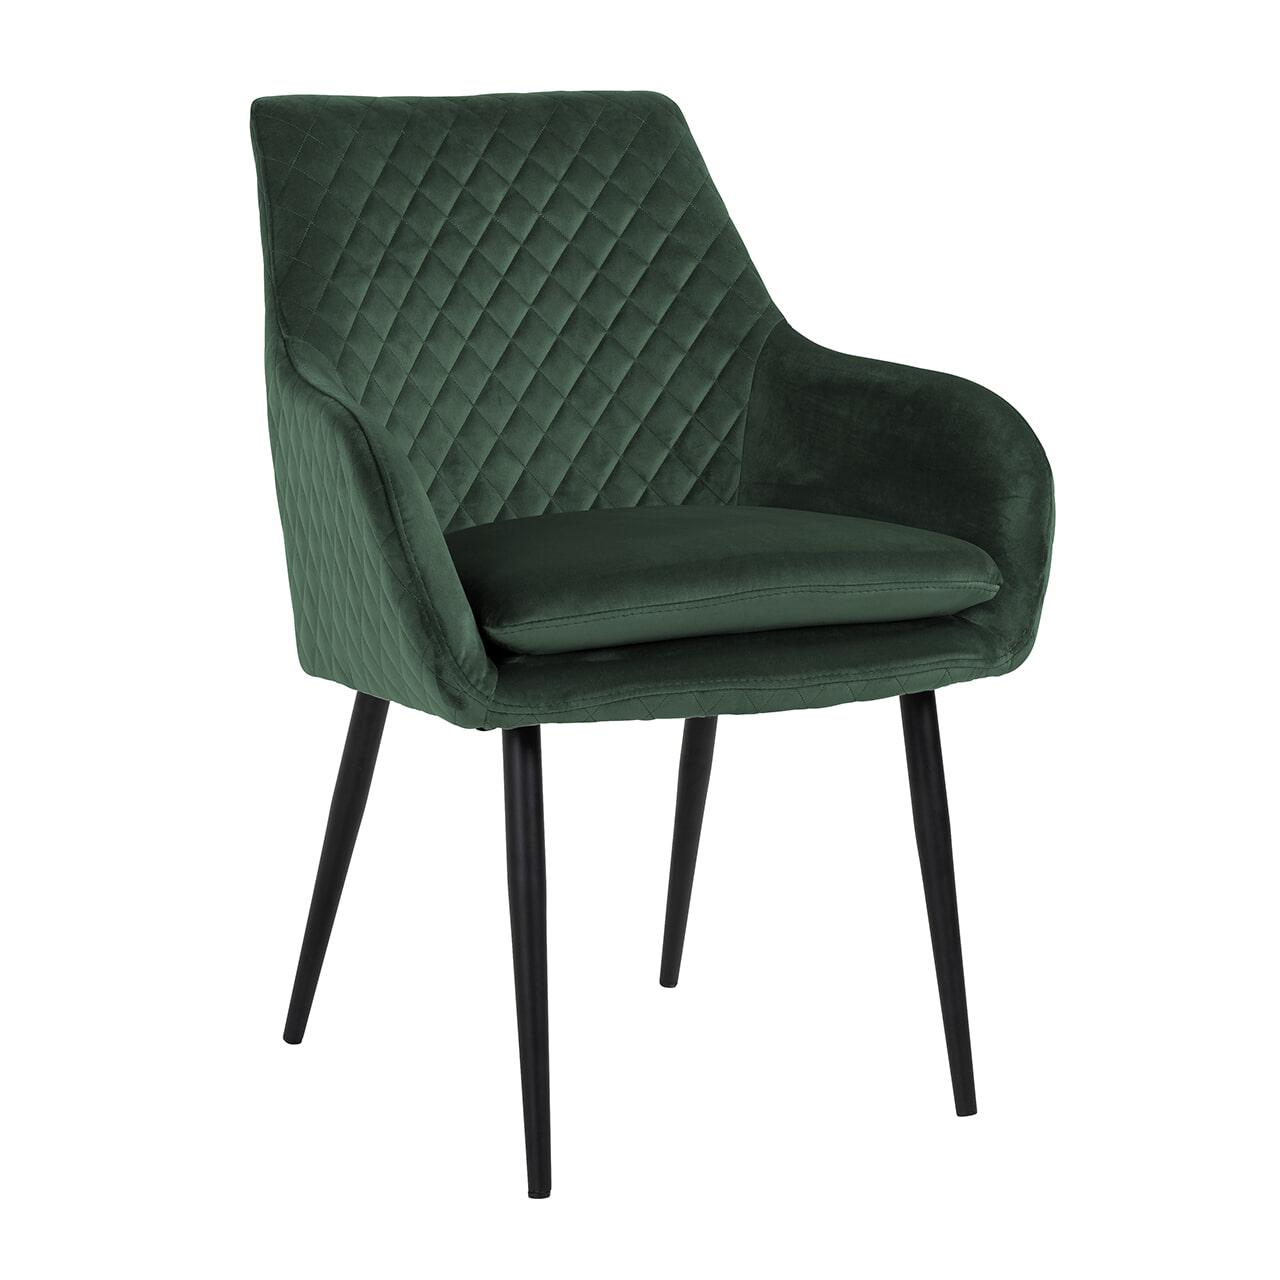 Richmond Eetkamerstoel 'Chrissy' Velvet, kleur Groen